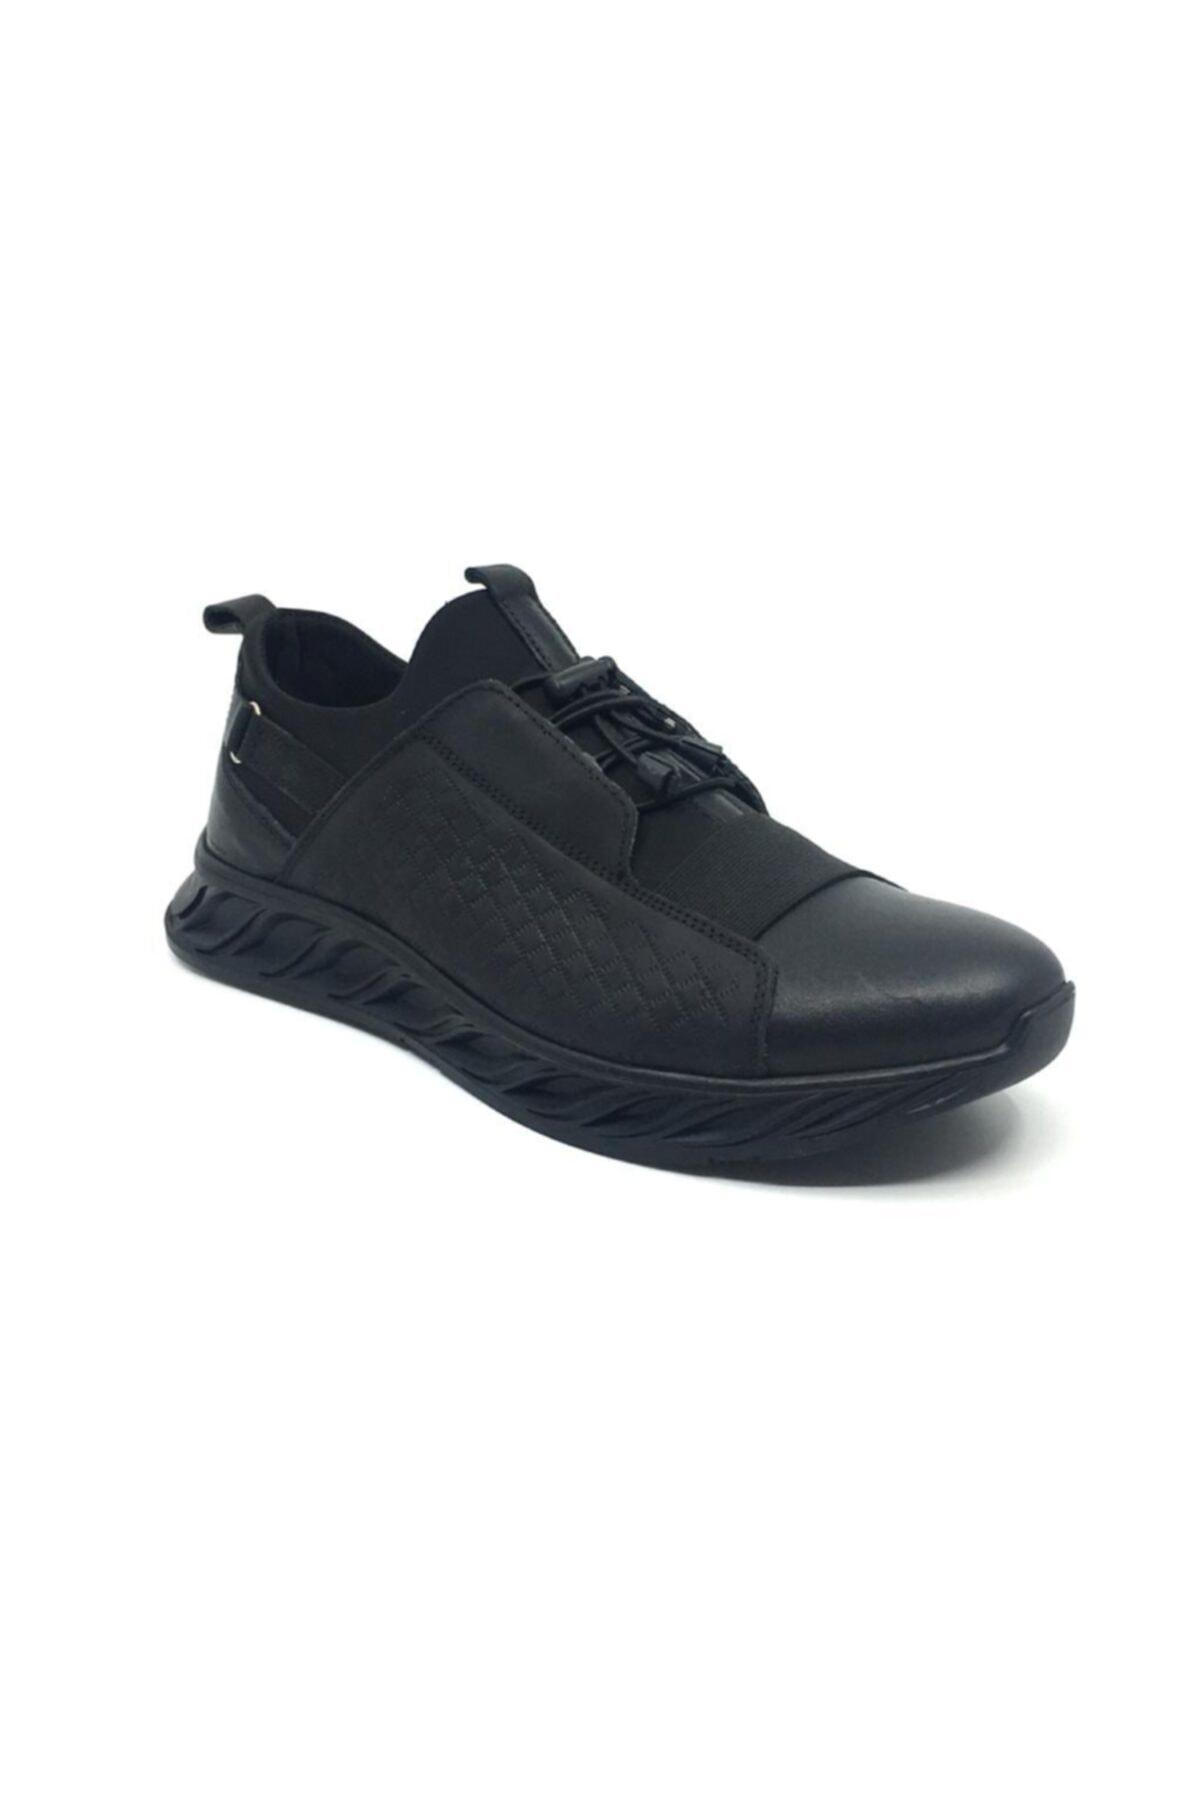 Taşpınar Erkek Siyah Kışlık Ayakkabı 1